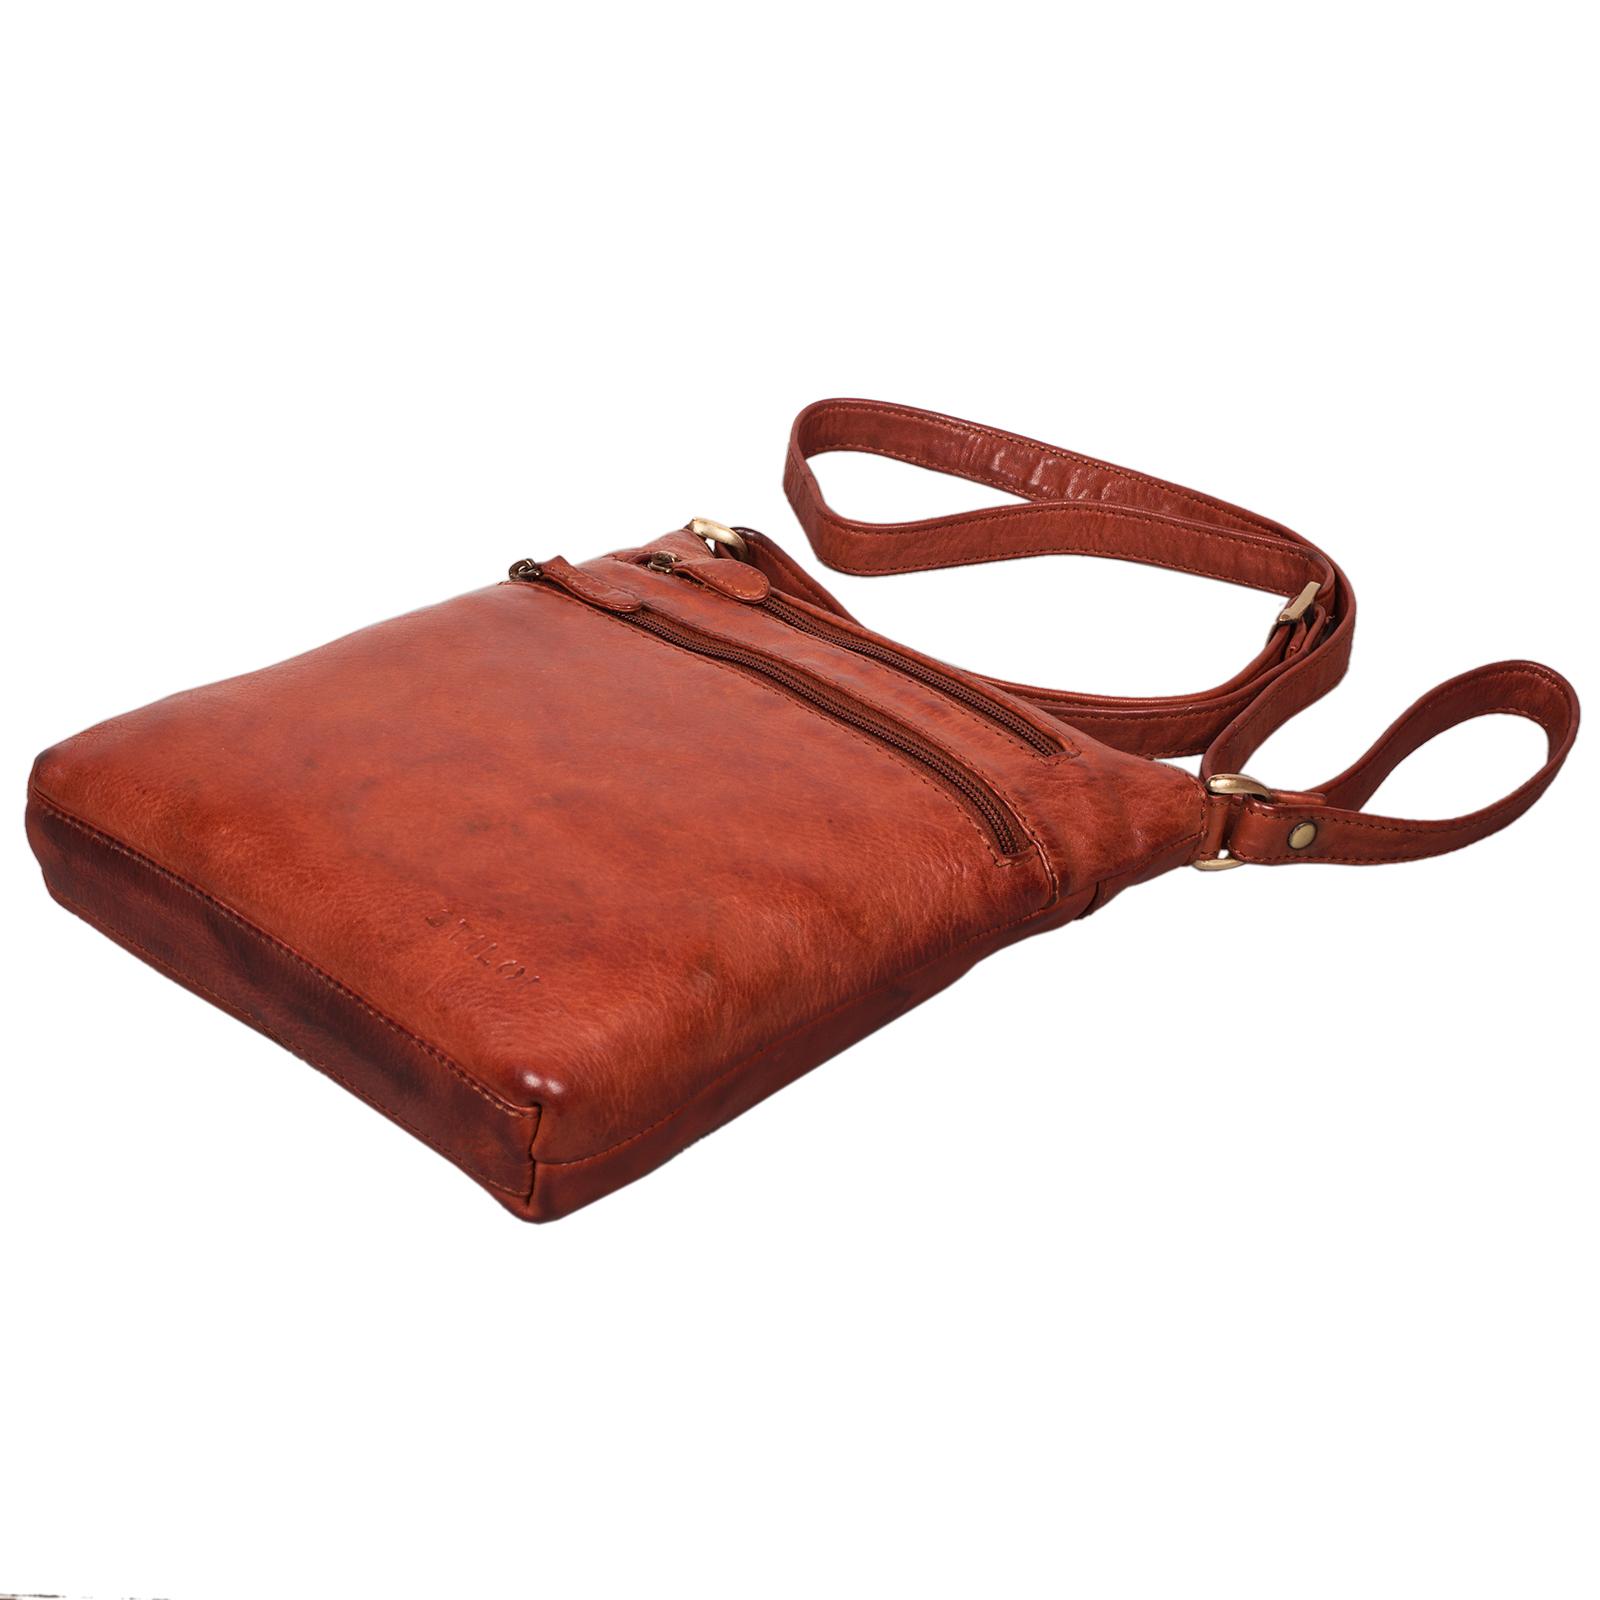 """STILORD """"Juna"""" Damen Umhängetasche Leder braun Handtasche kleine Schultertasche Vintage Damentasche Ausgehtasche für Freizeit Party 9,7 Zoll Tablet iPad Echtleder - Bild 7"""